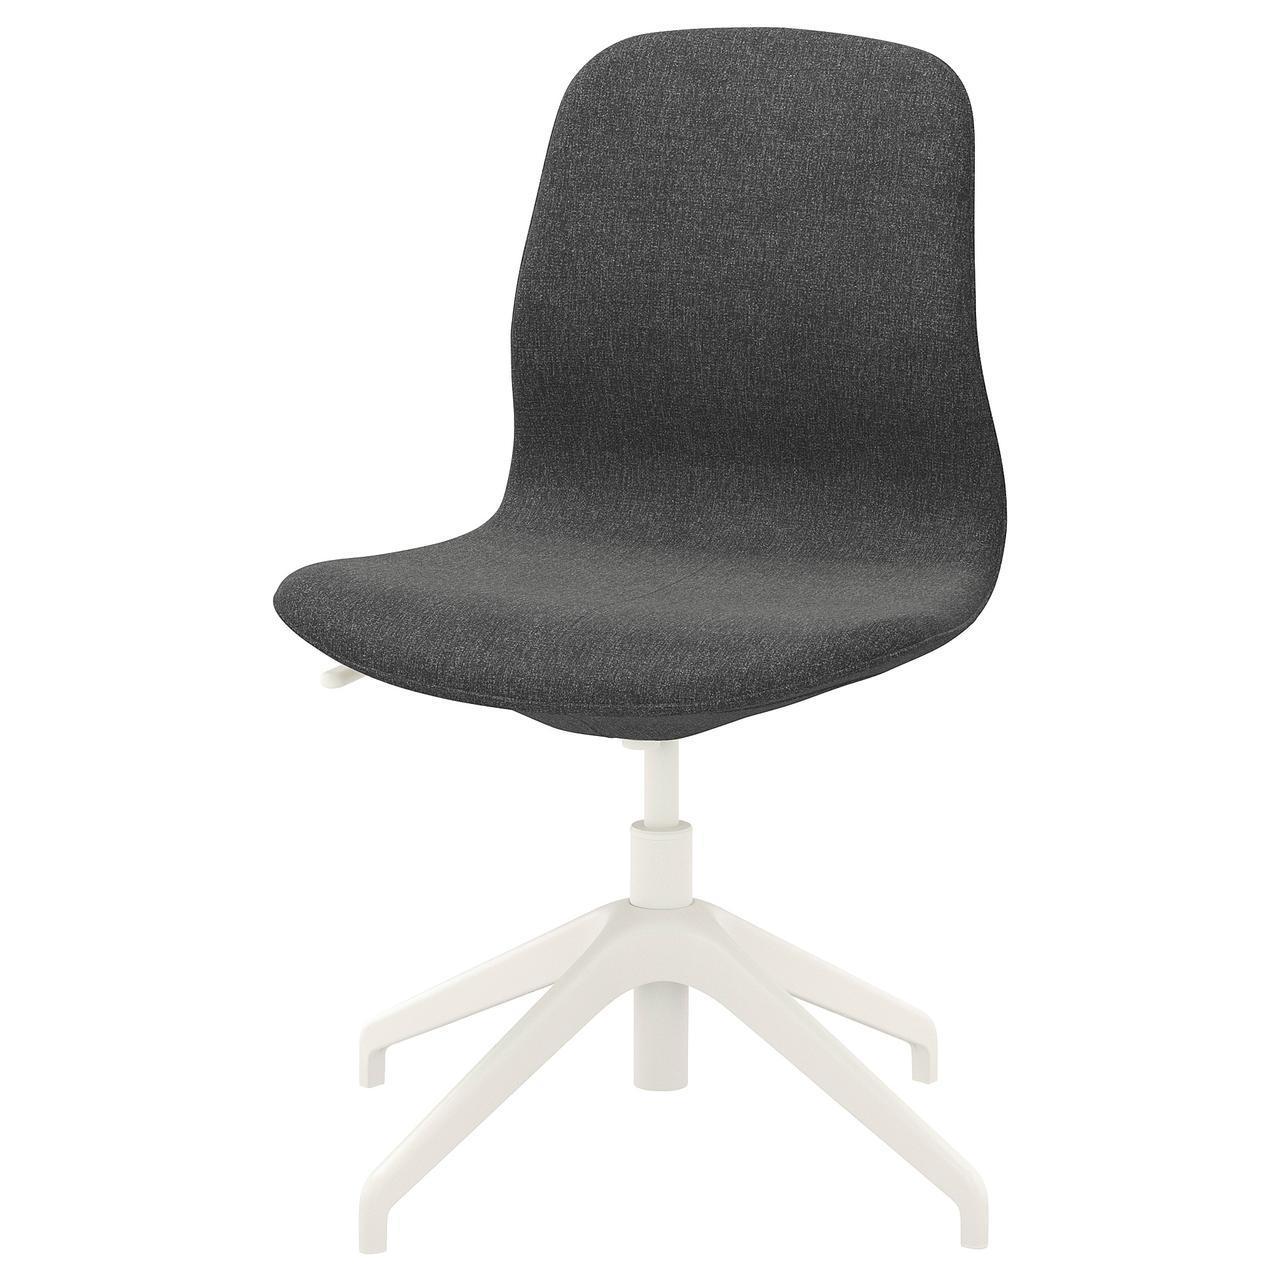 Компьютерное кресло IKEA LÅNGFJÄLL Gunnared темно-серое белое 492.522.75